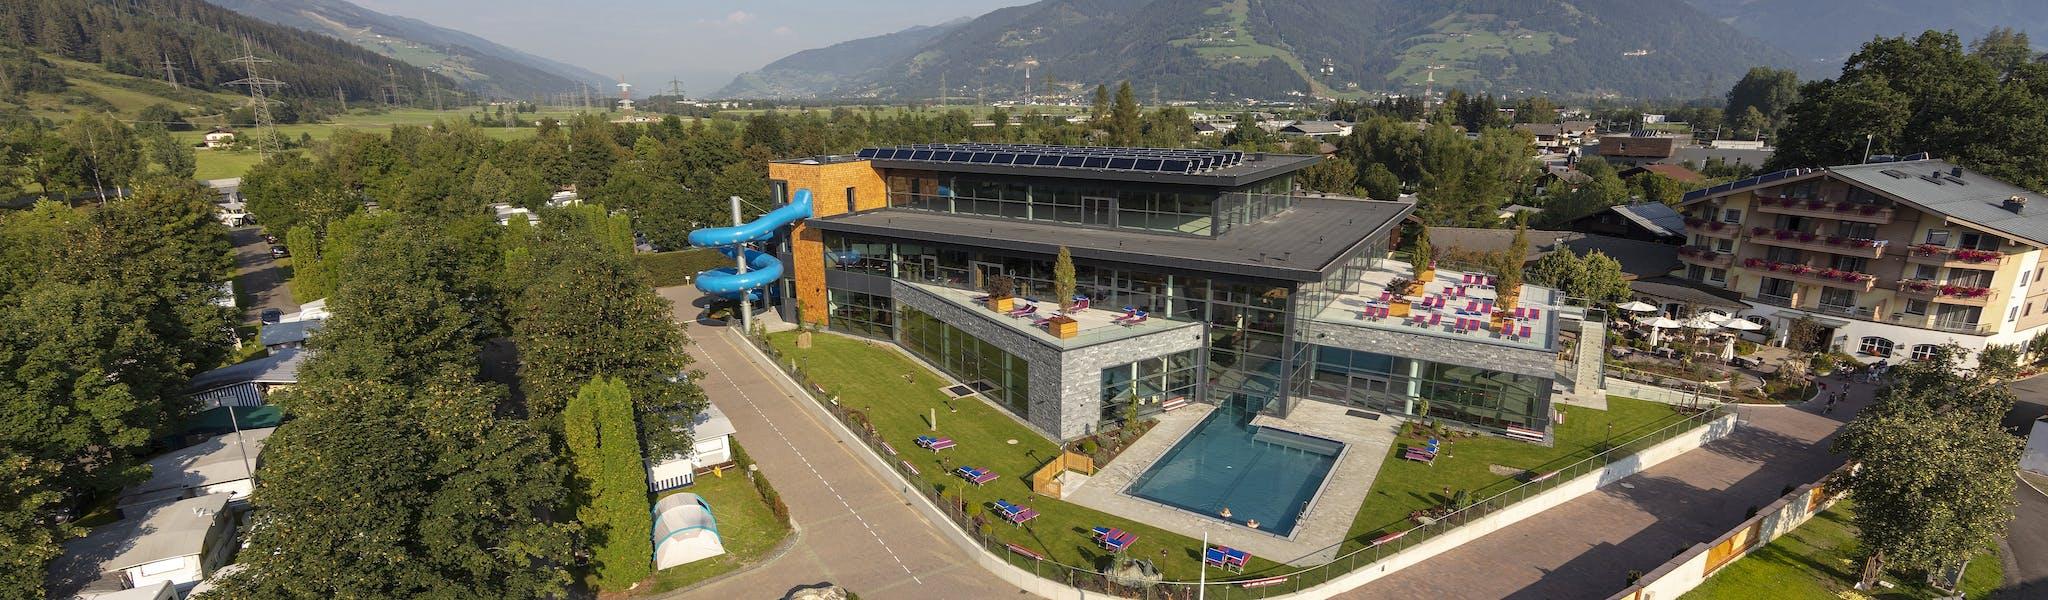 luchtopname nieuw zwembad Woferlgut